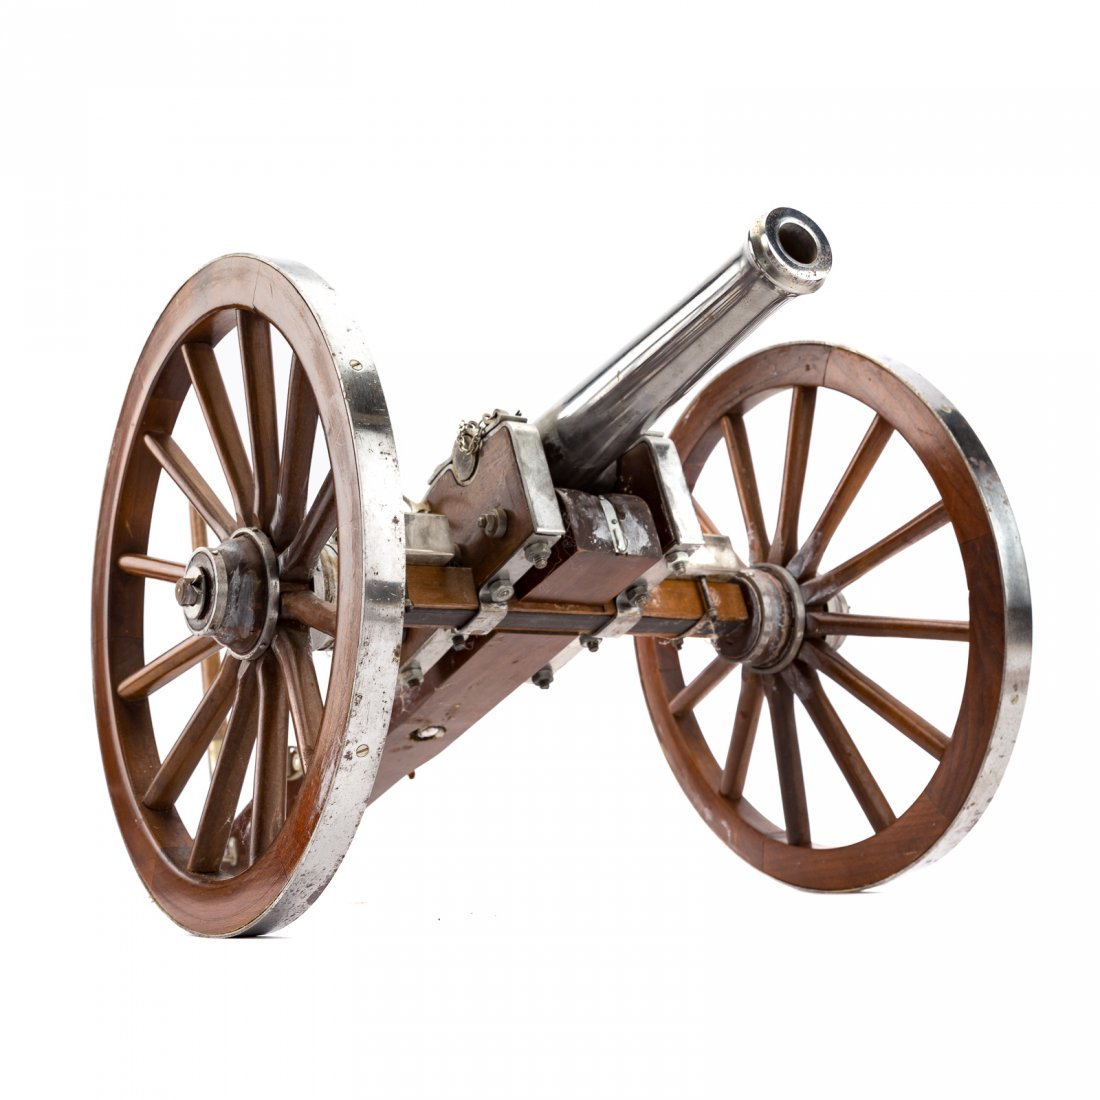 Miniature working replica of Dahlgren cannon